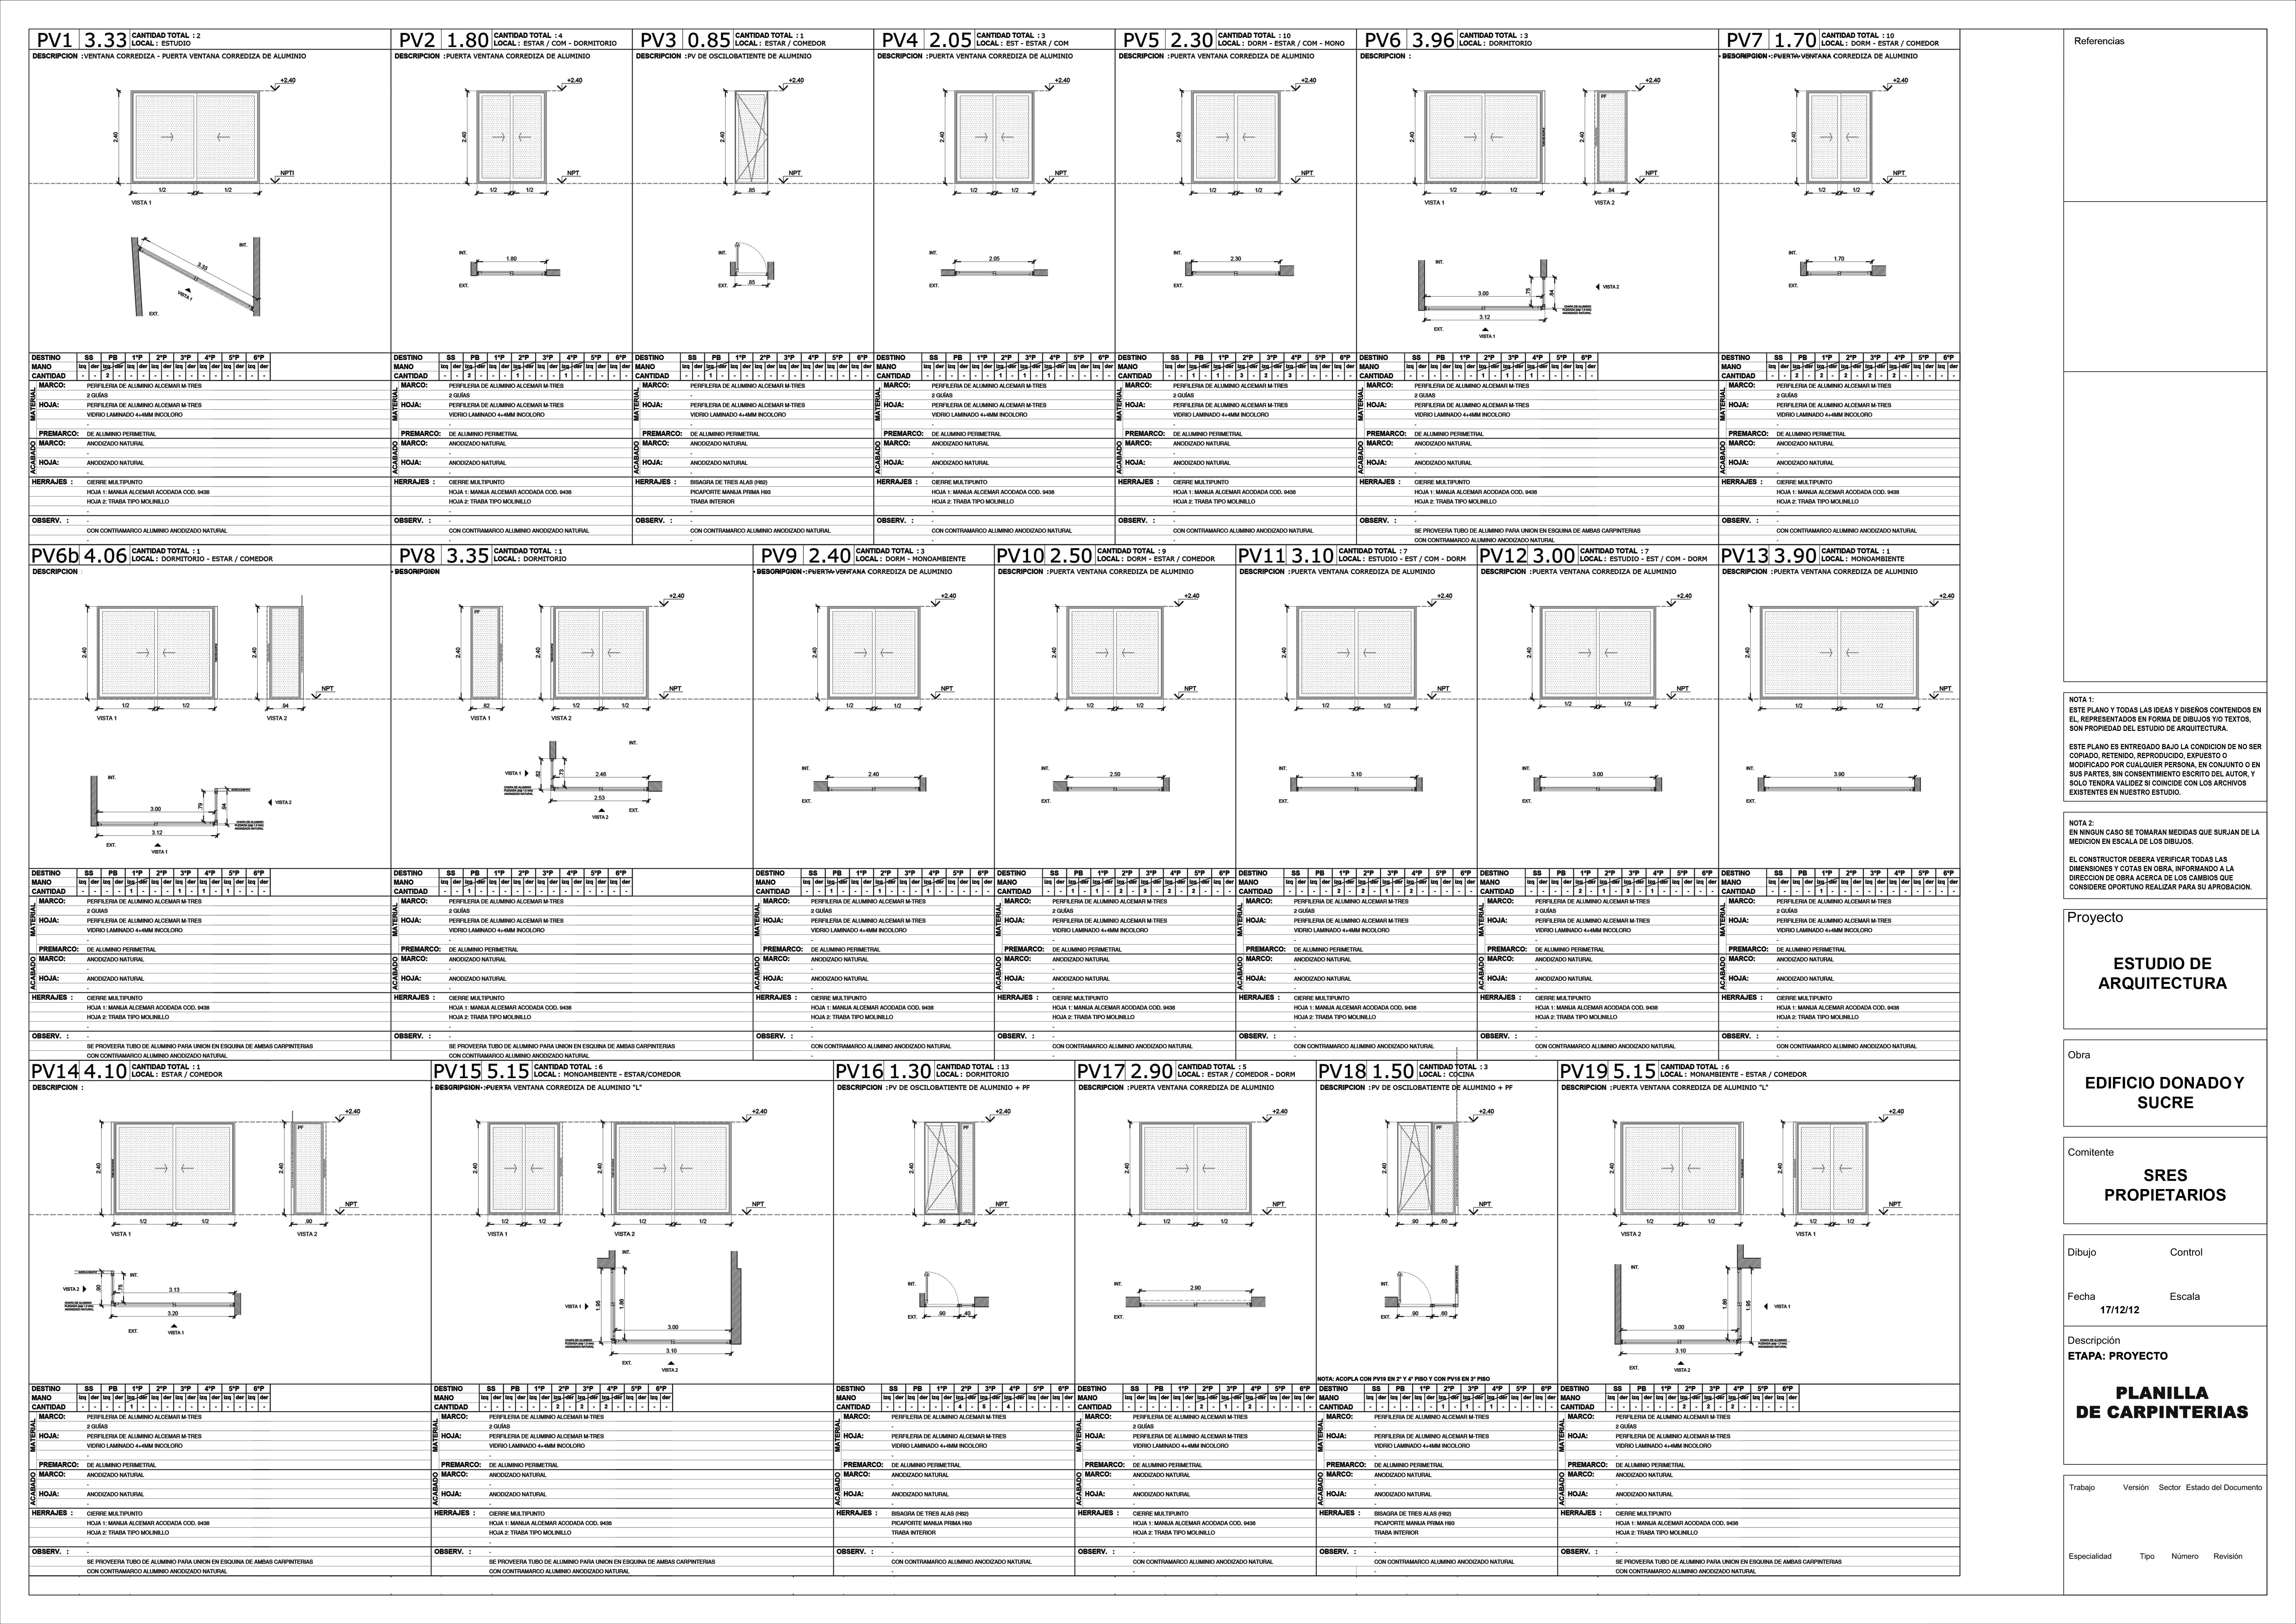 Cpau iep guidp documentaci n de proyecto for Planos carpinteria